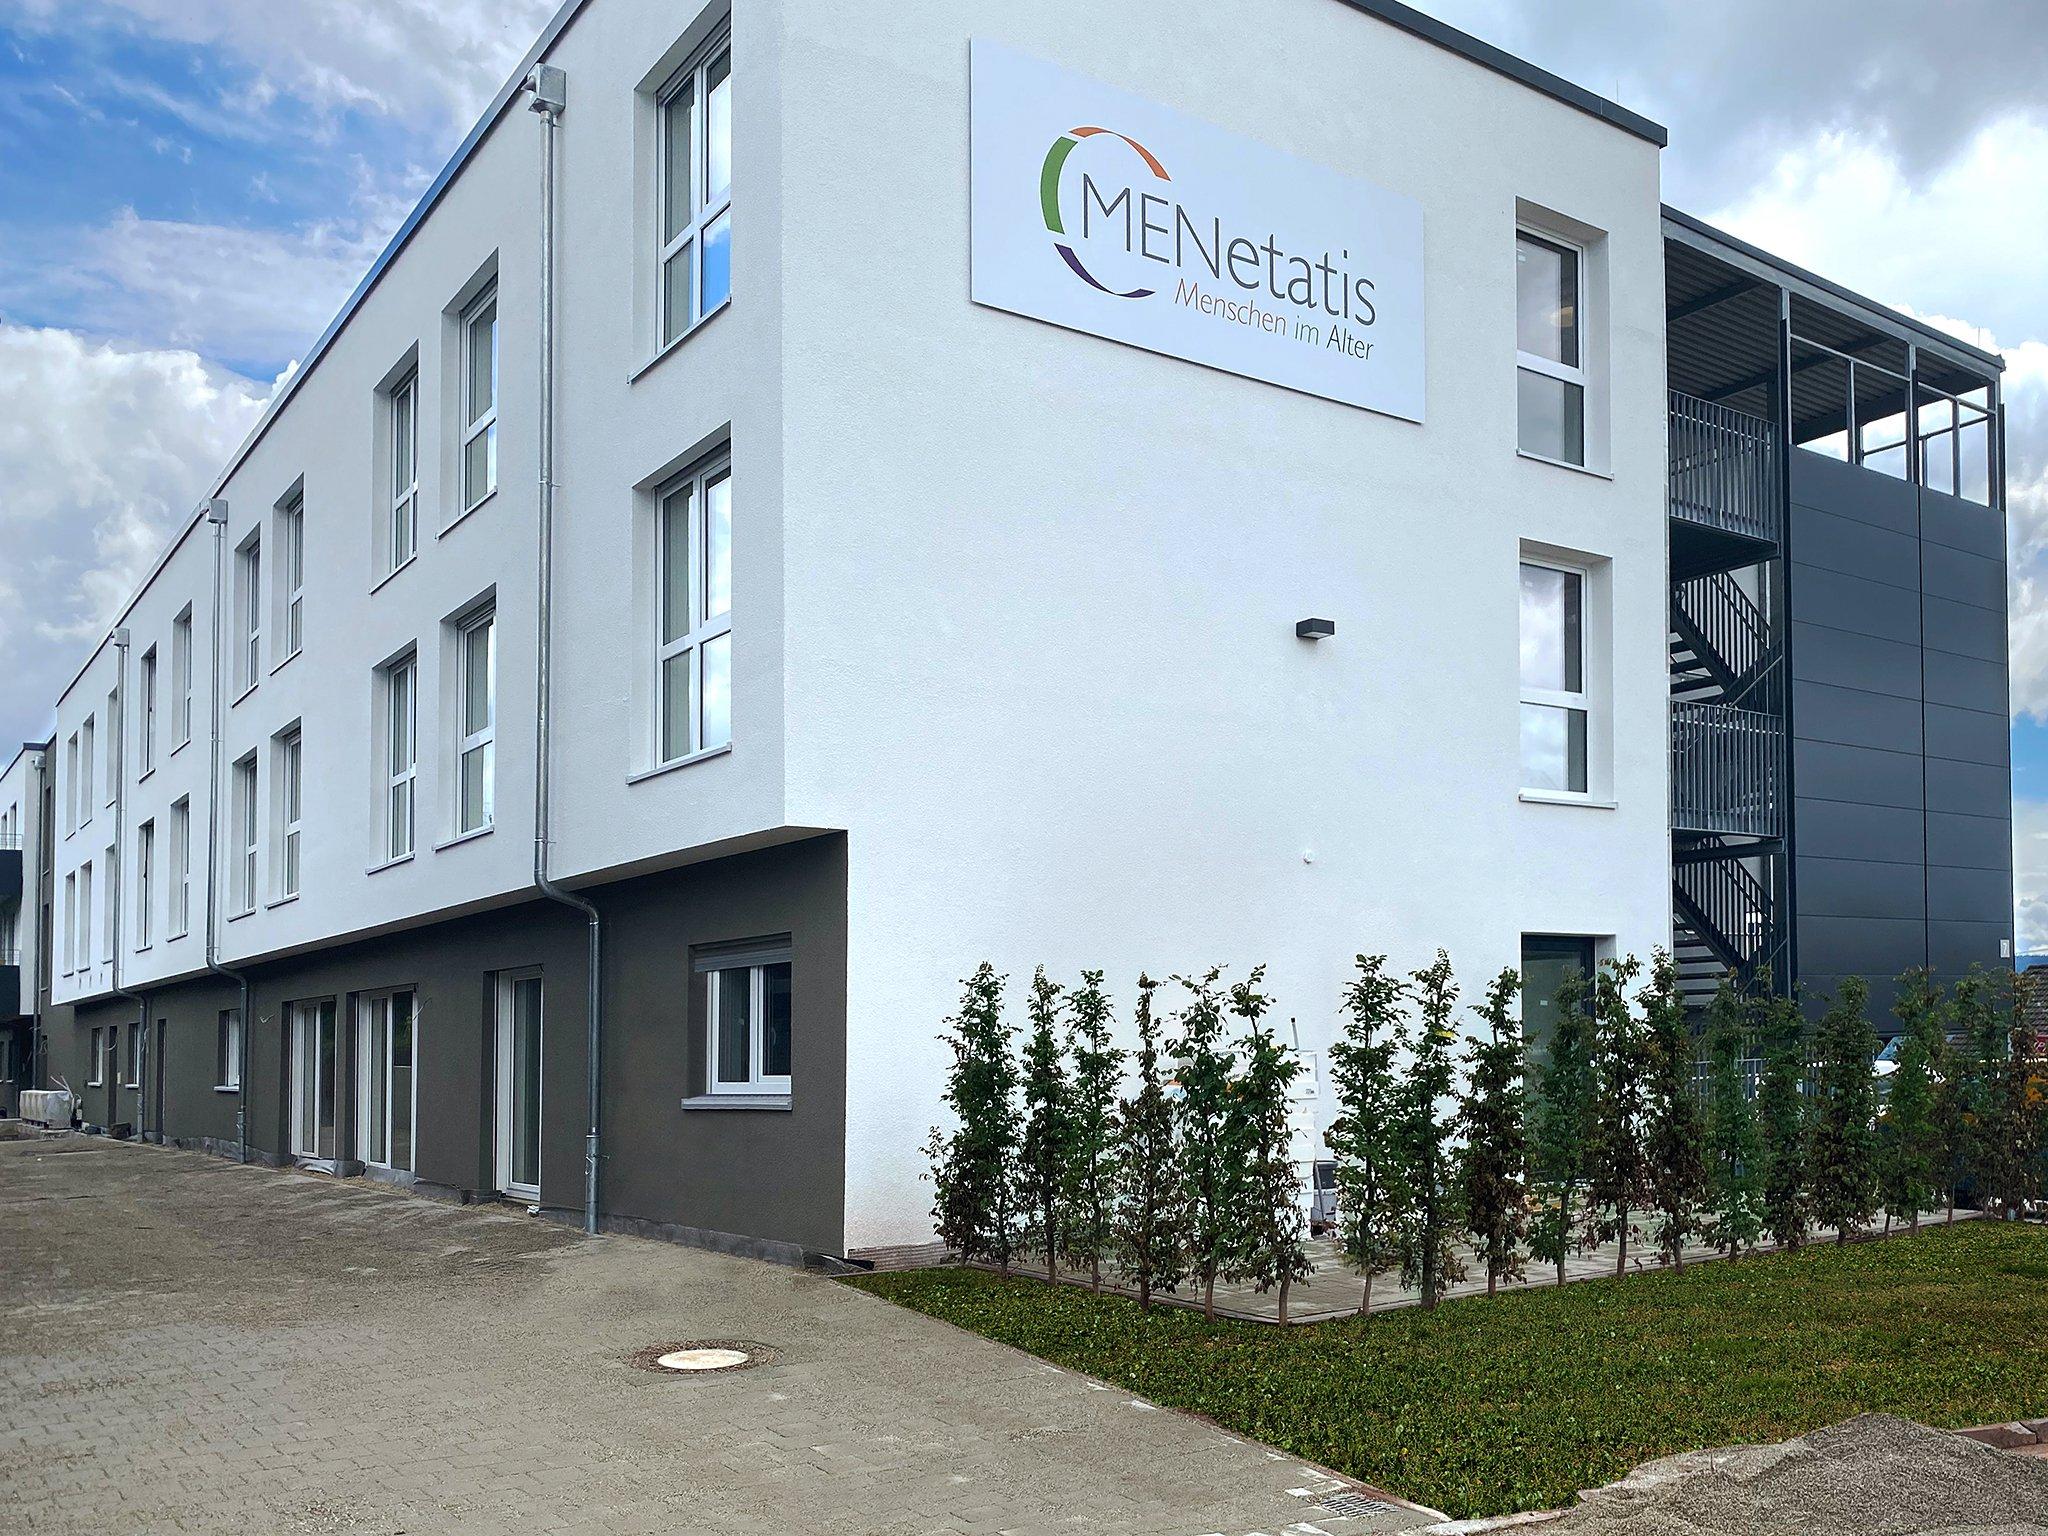 """Das neue """"Seniorenzentrum Aichhalden"""" im Landkreis Rottweil ist fertiggestellt. Das Gebäude bietet Platz für insgesamt 78 stationäre Pflegeplätze in Einzelzimmern und 16 Tagespflegeplätze sowie Räumlichkeiten für eine Physiotherapiepraxis. Foto: pm"""